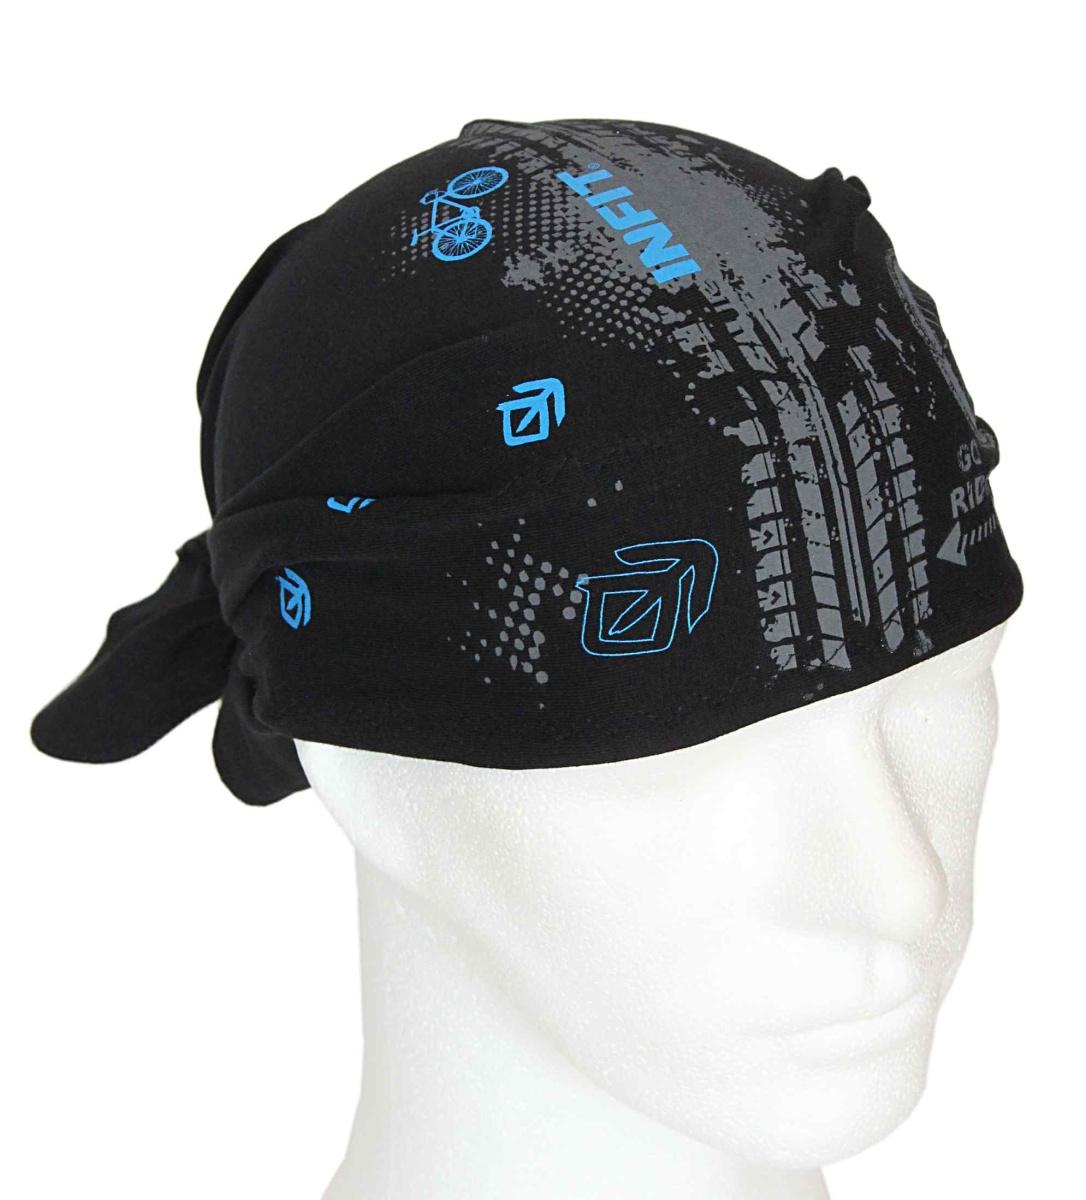 Pirát trojúhelníkový šátek černý a tmavě modrý vzor Kairos · Sportovní  vázací šátky Infit 5b348157e6